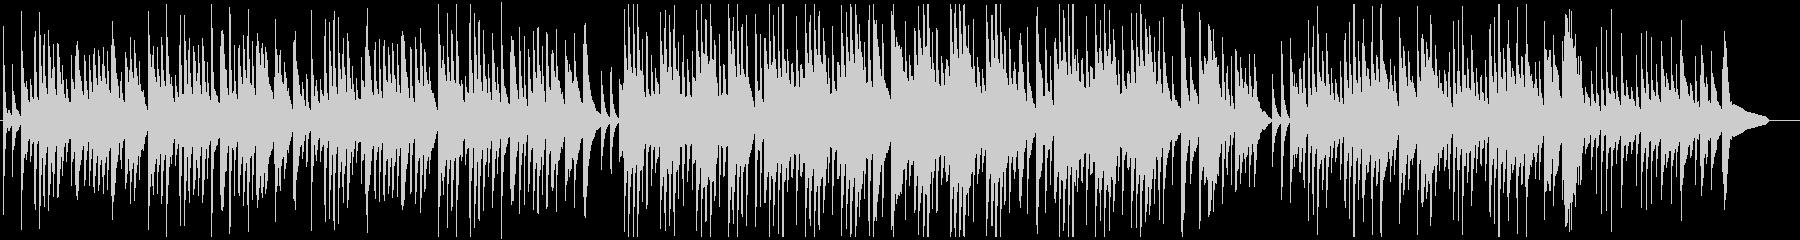 物悲しいバラード調のピアノソロの未再生の波形